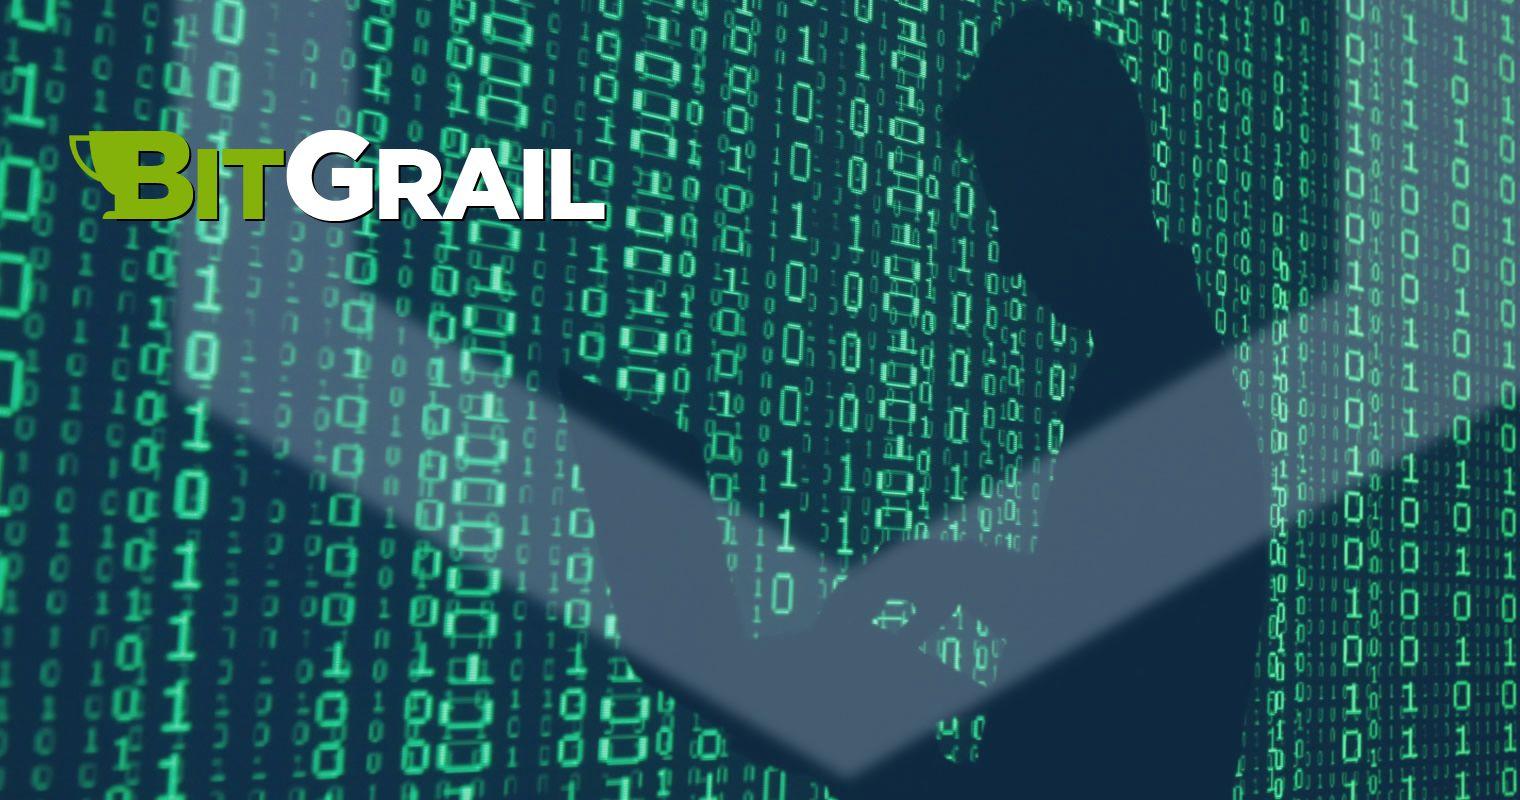 Fallimento e Bancarotta per Bitgrail chiesta dai legali dello studio BonelliErede che rappresenta i danneggiati  - Fallimento e Bancarotta per Bitgrail chiesti dai legali dello studio BonelliErede che rappresenta i danneggiati